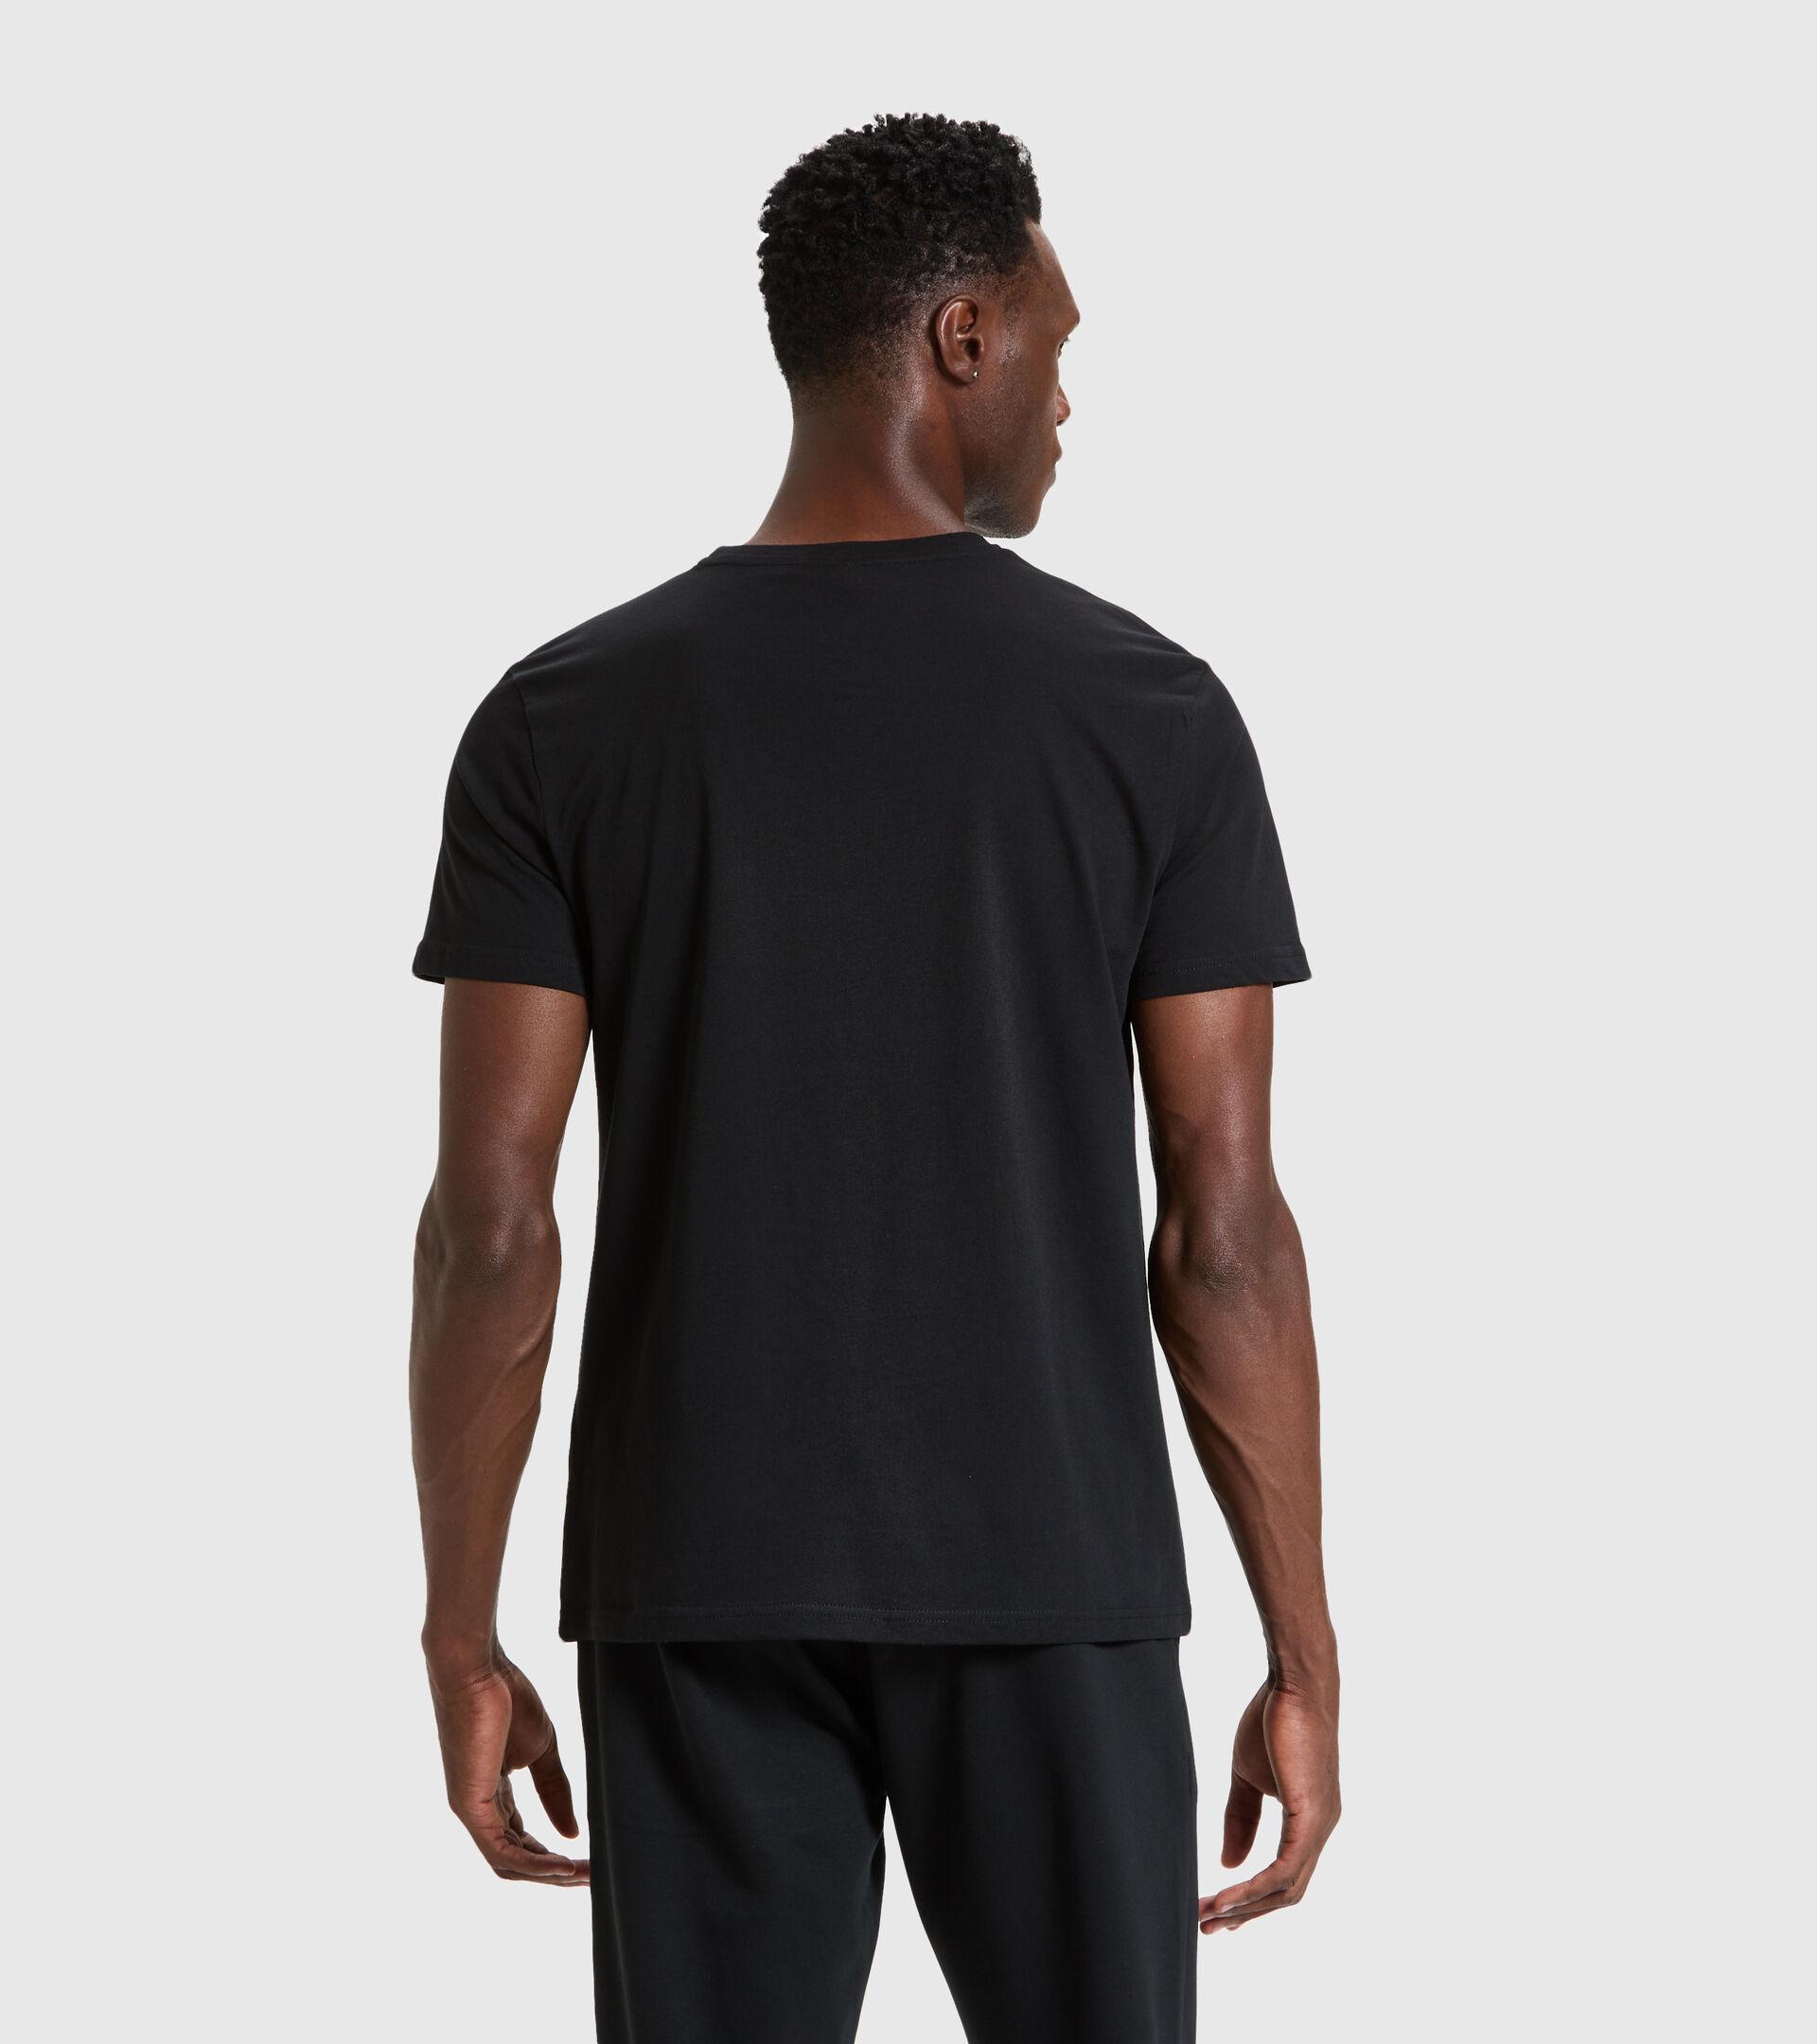 T-Shirt - Herren T-SHIRT SS CHROMIA SCHWARZ - Diadora